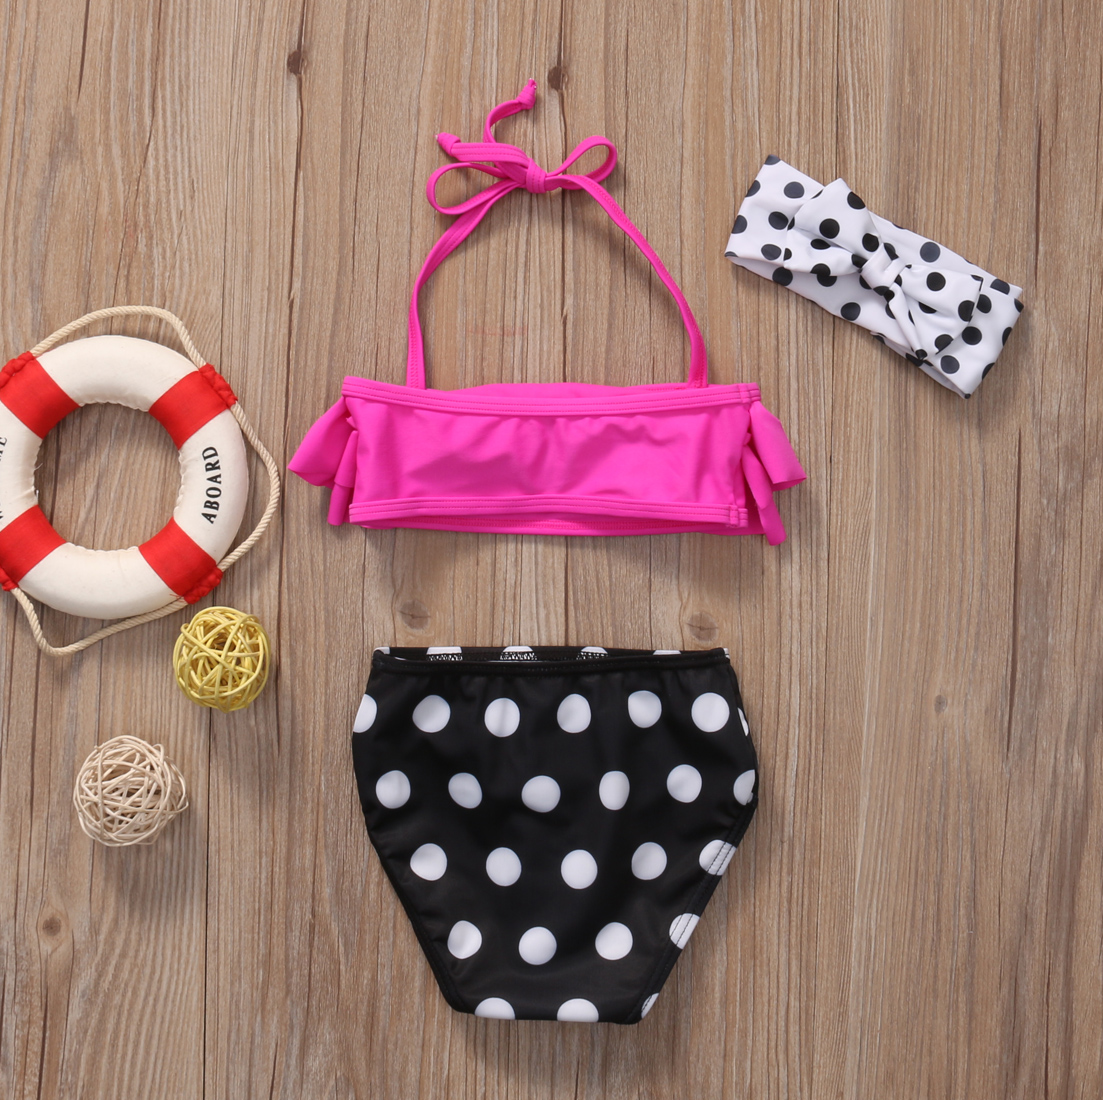 Niñas de dos piezas de lunares traje de baño niños bebé niña - Ropa deportiva y accesorios - foto 3